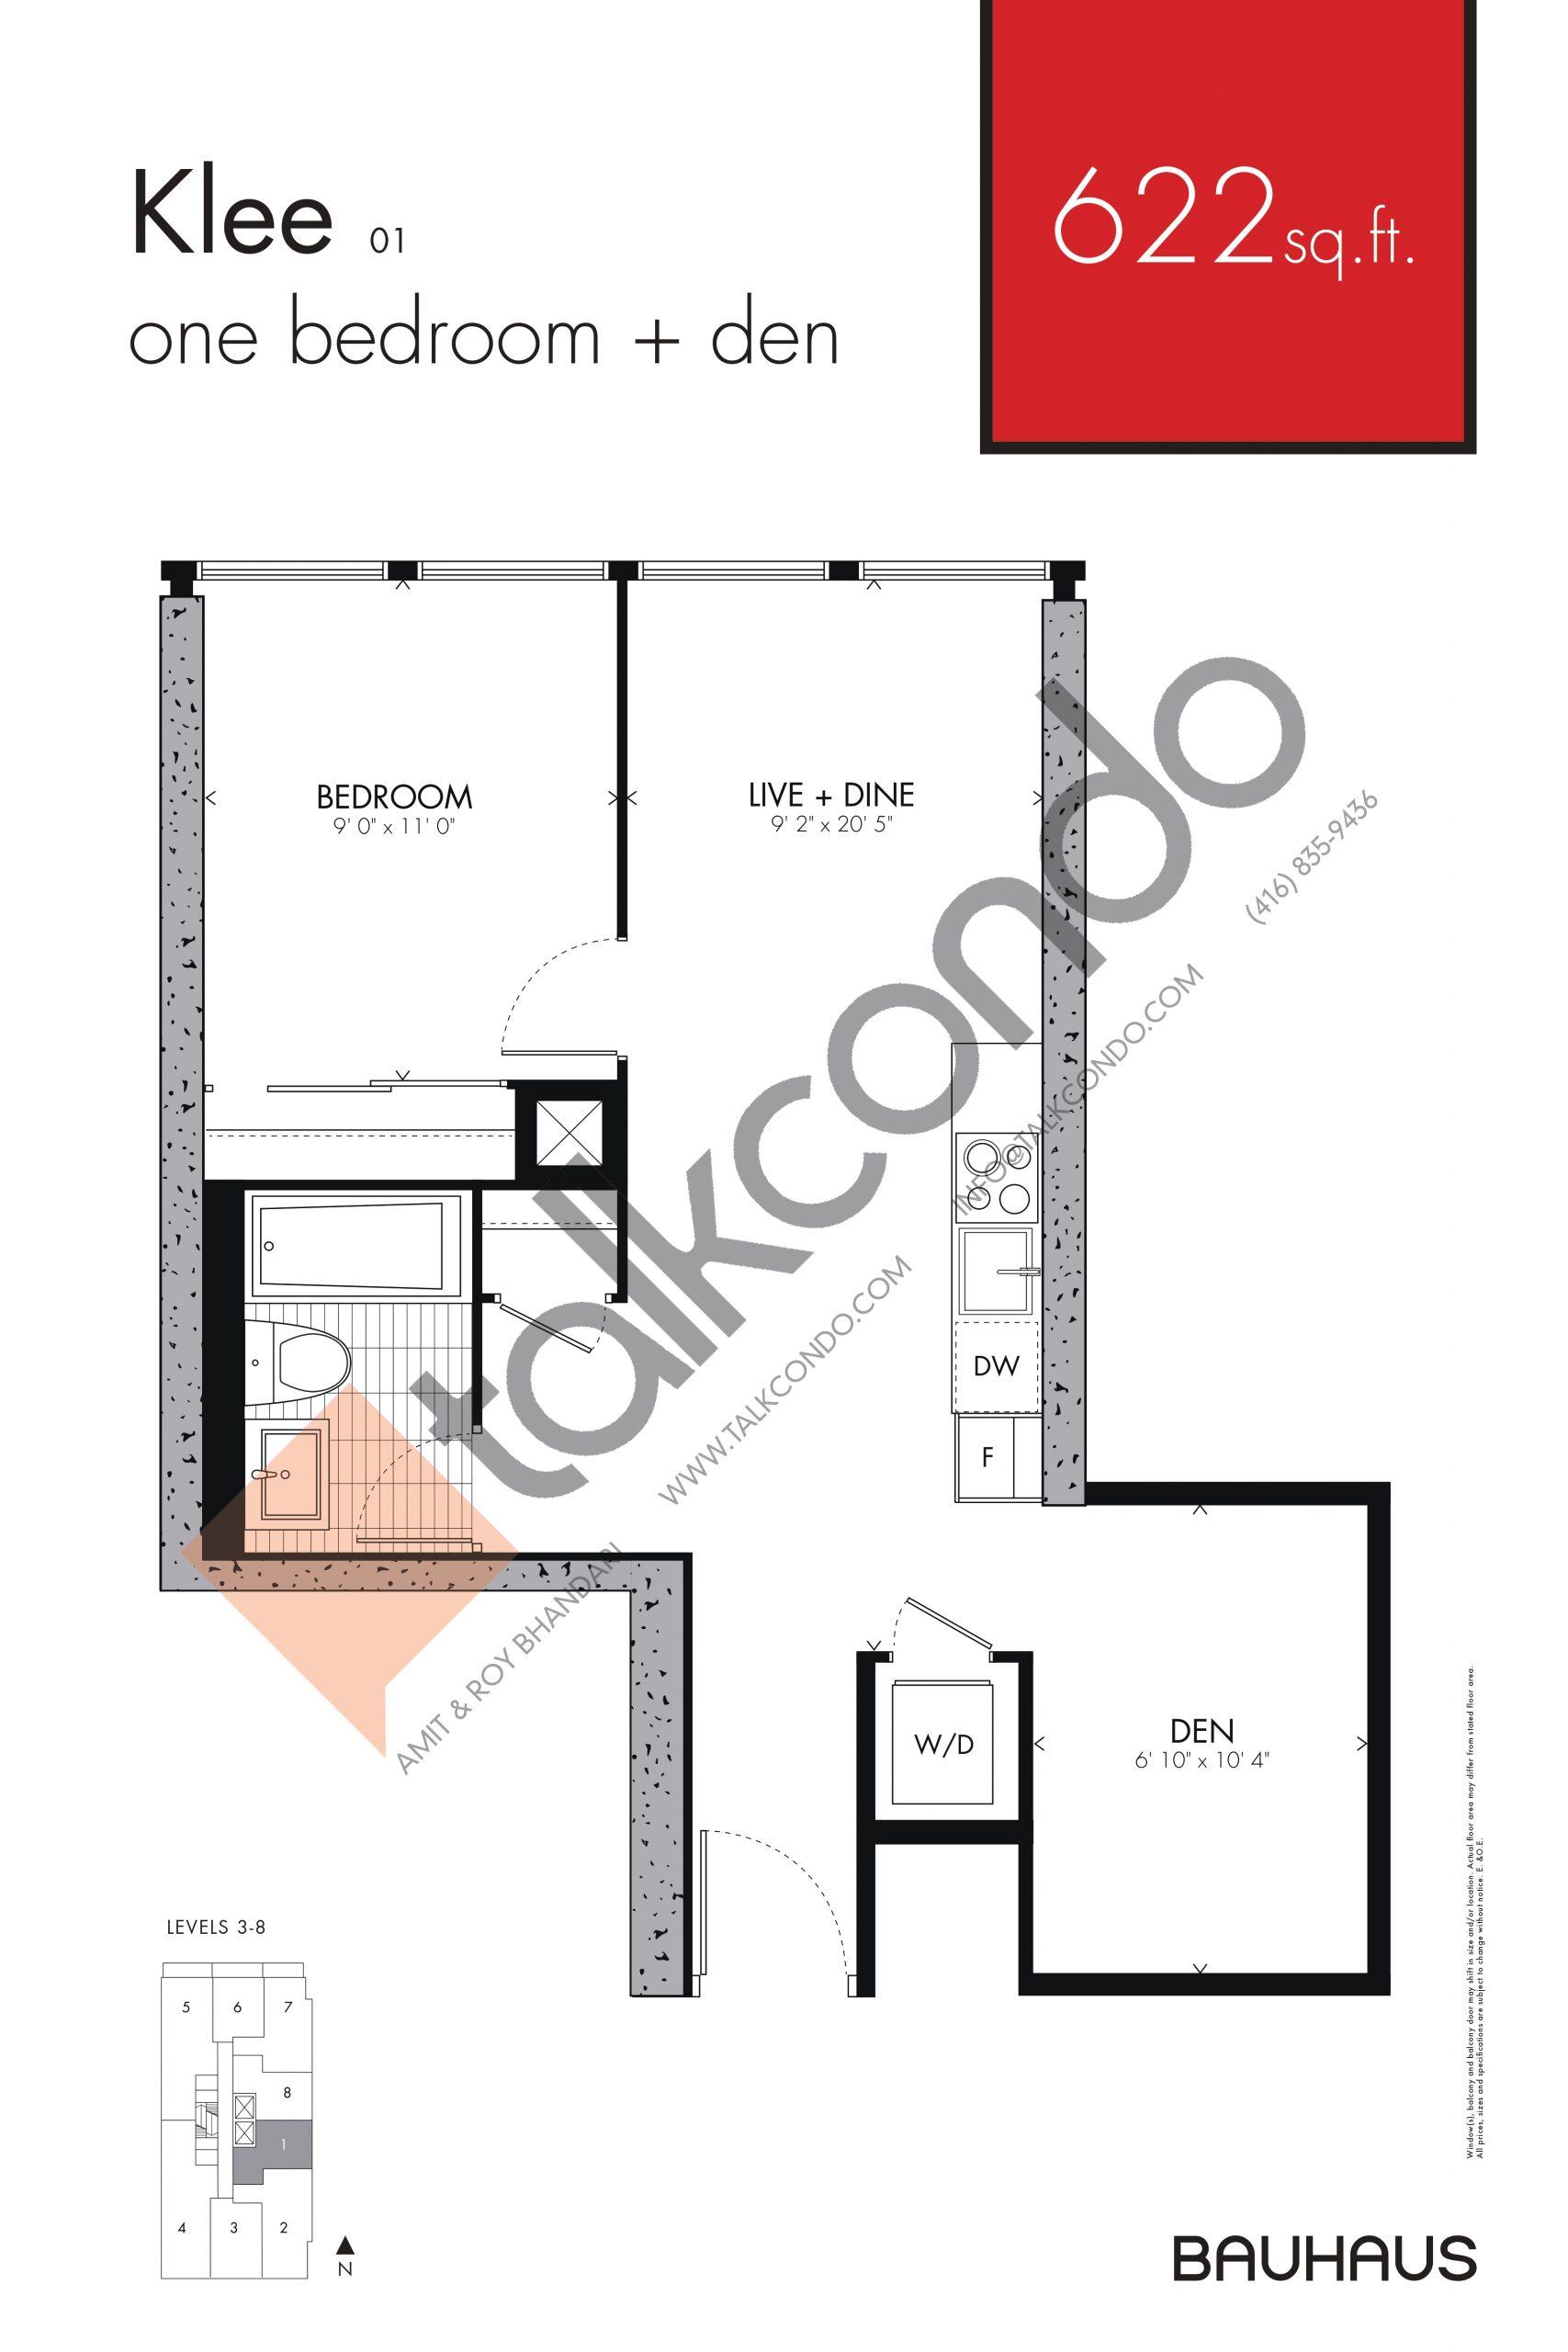 Klee Floor Plan at Bauhaus Condos - 622 sq.ft